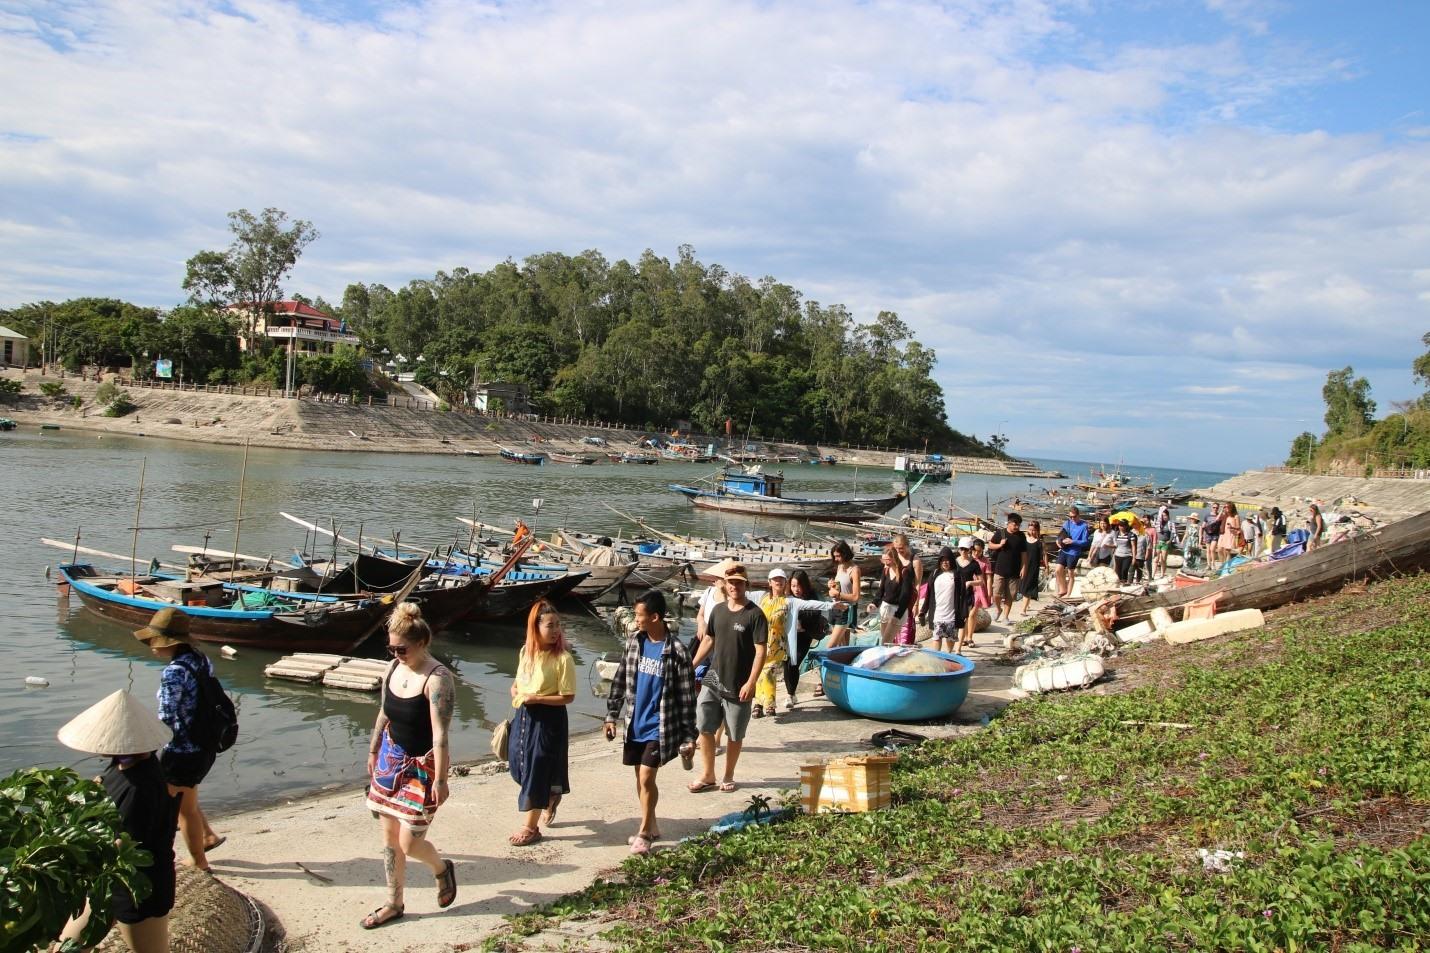 Hướng phát triển bền vững Cù Lao Chàm